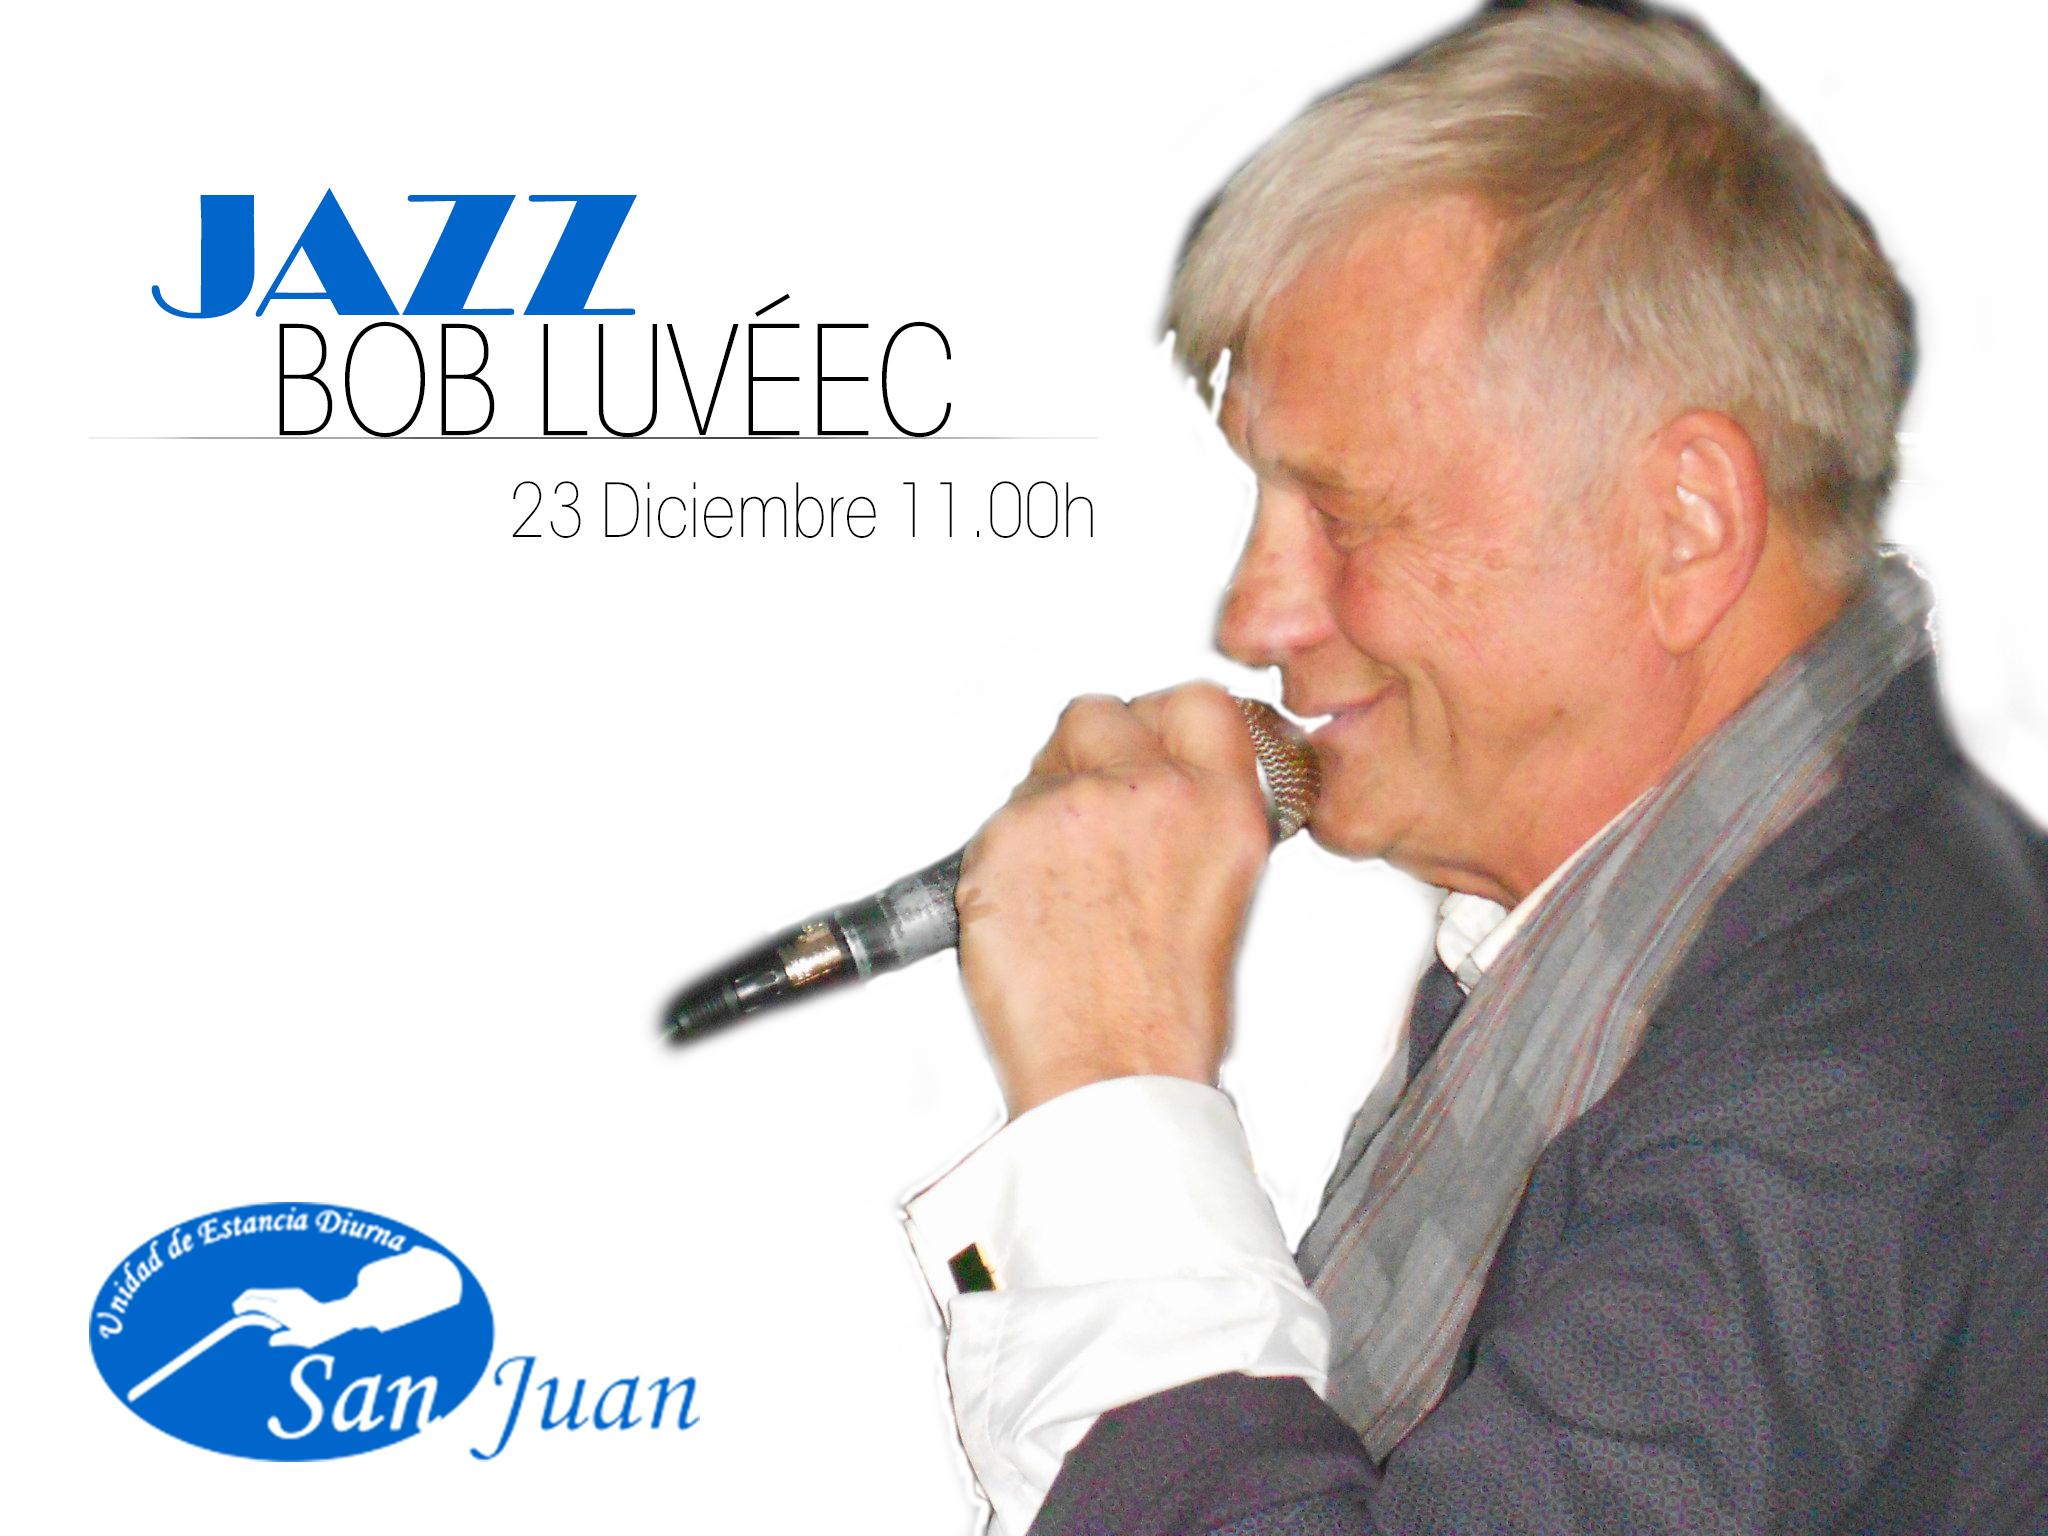 Ued San Juan, centro de día para mayores en cadiz presenta a Bob Luvéec.